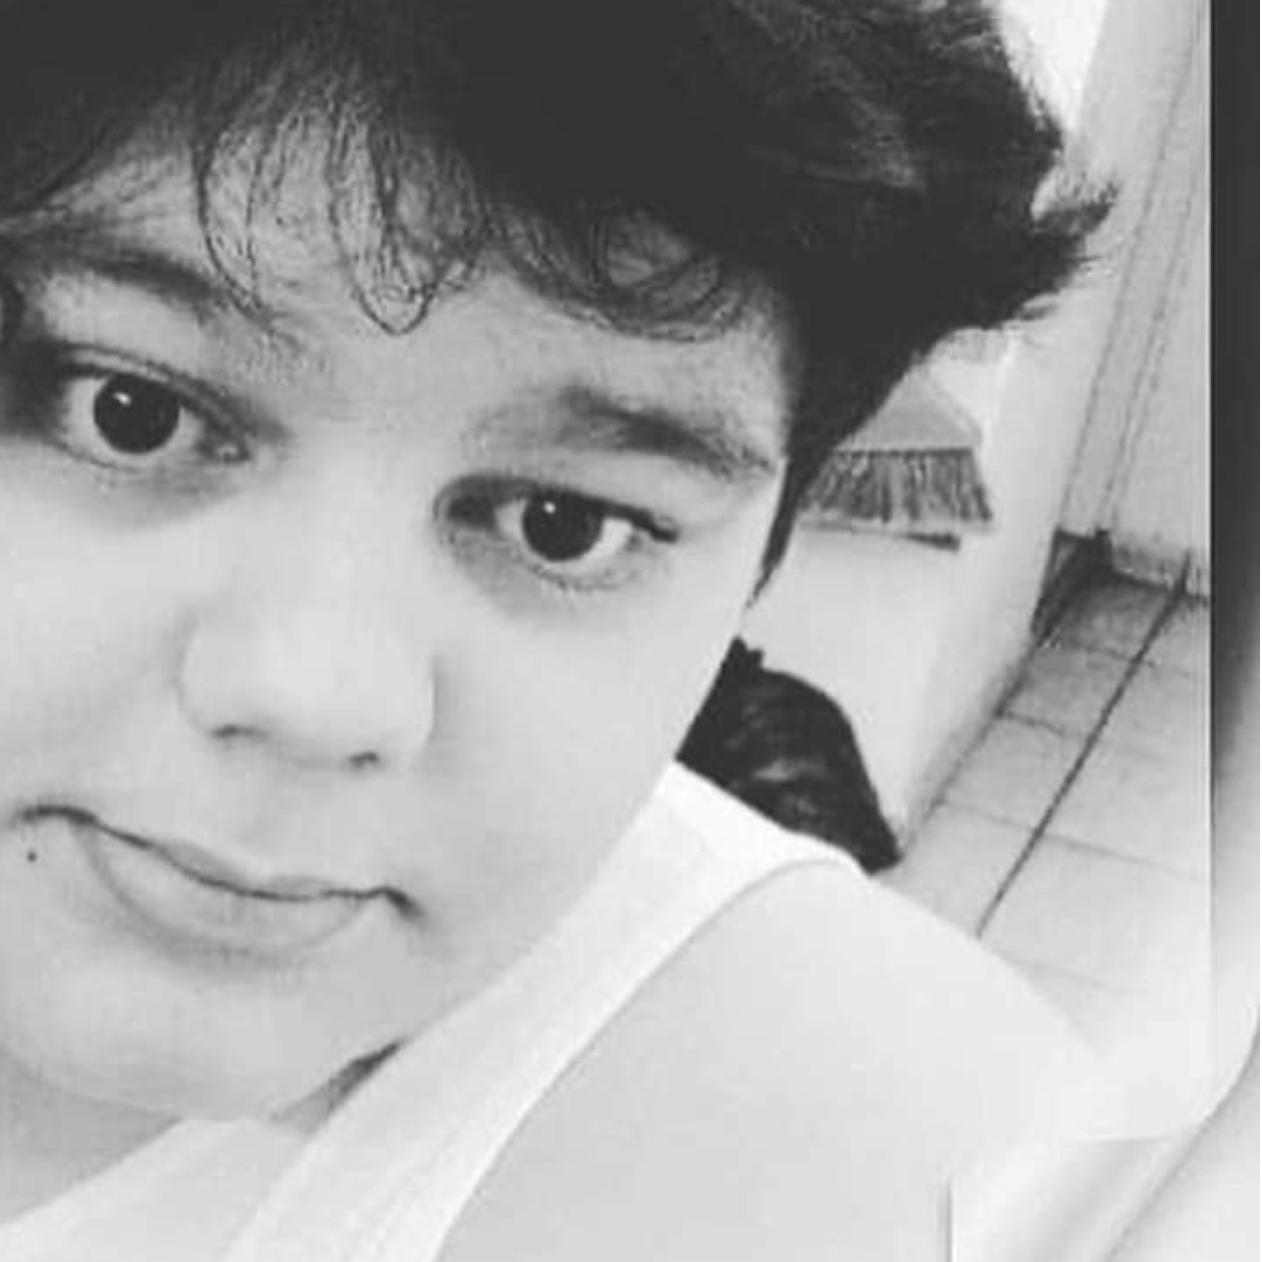 Autista de 13 anos morre após picada de escorpião no interior de SP - Lucca Tadini - Canal Autismo / Revista Autismo